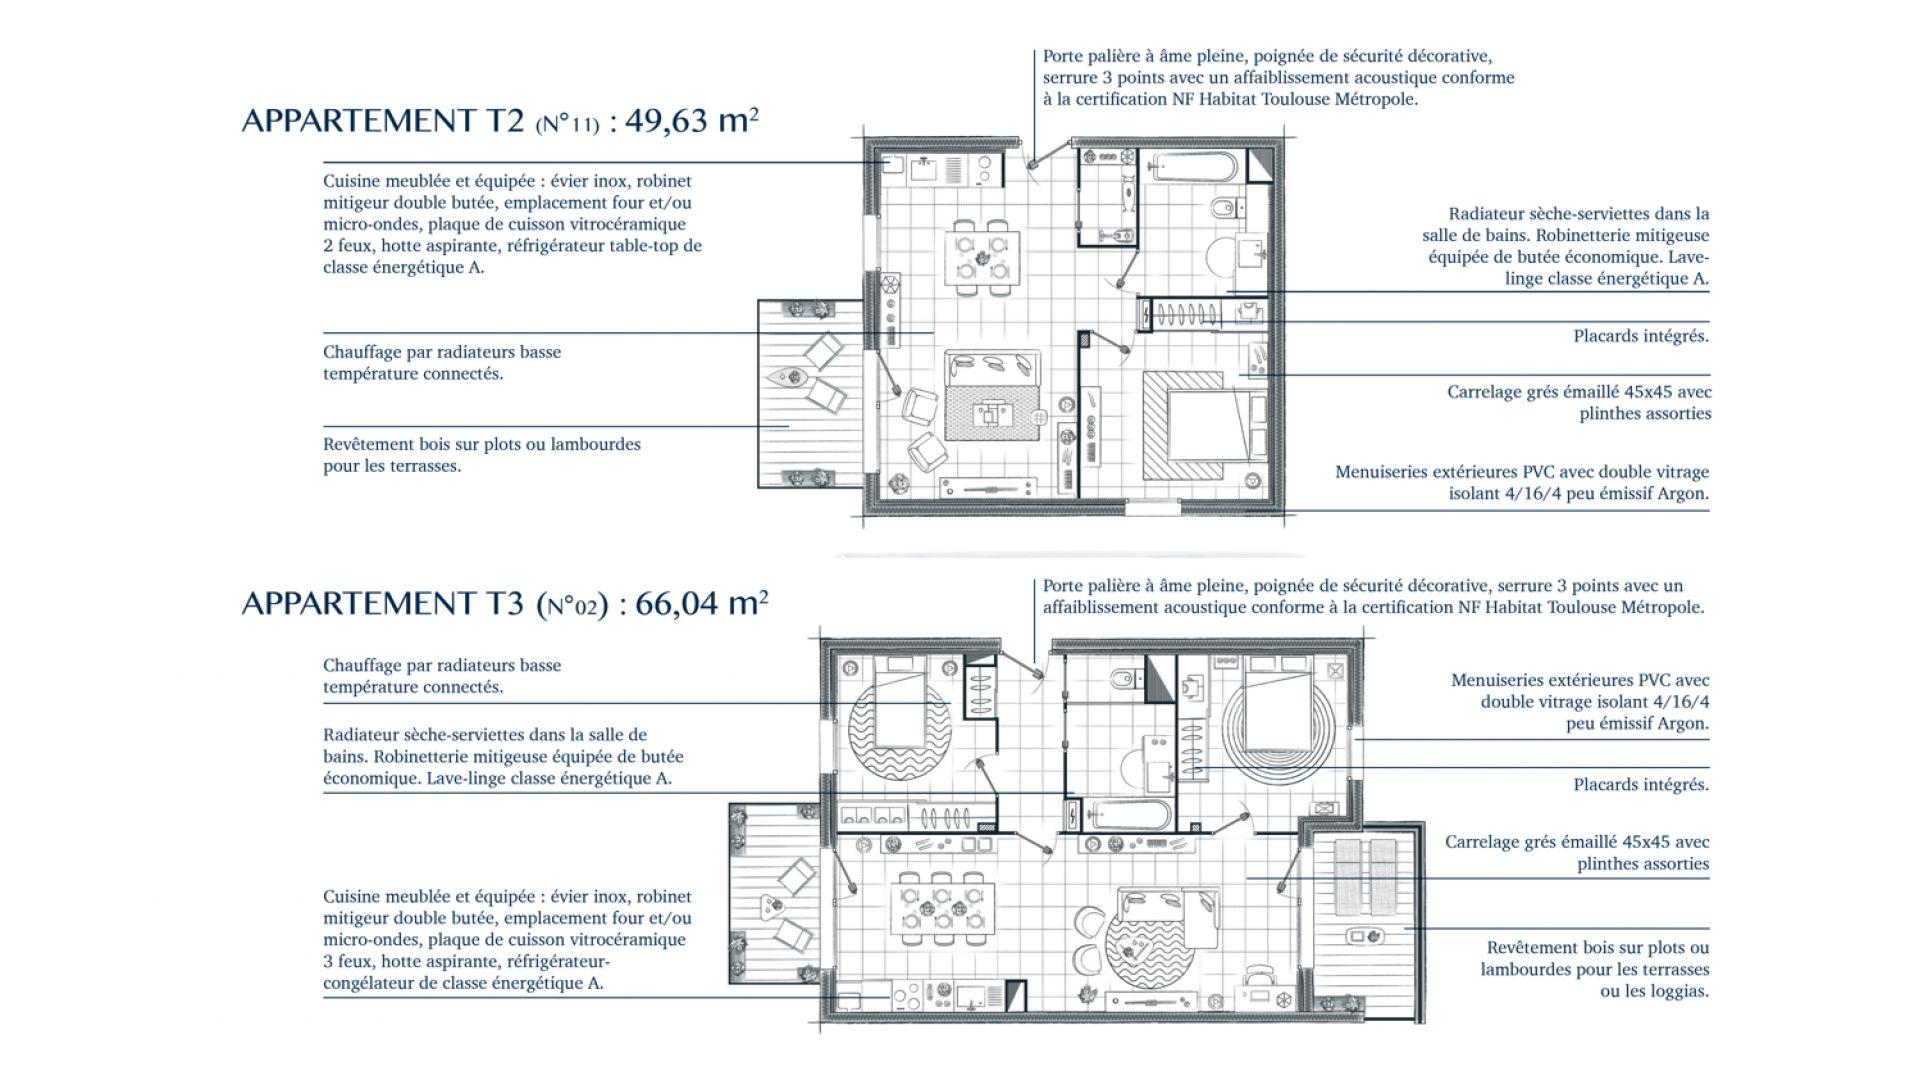 Greencity Immobilier - Résidence Villa Palacio - 31700 Blagnac - appartements neufs du T2 au T4 Duplex - plan T2 - T3